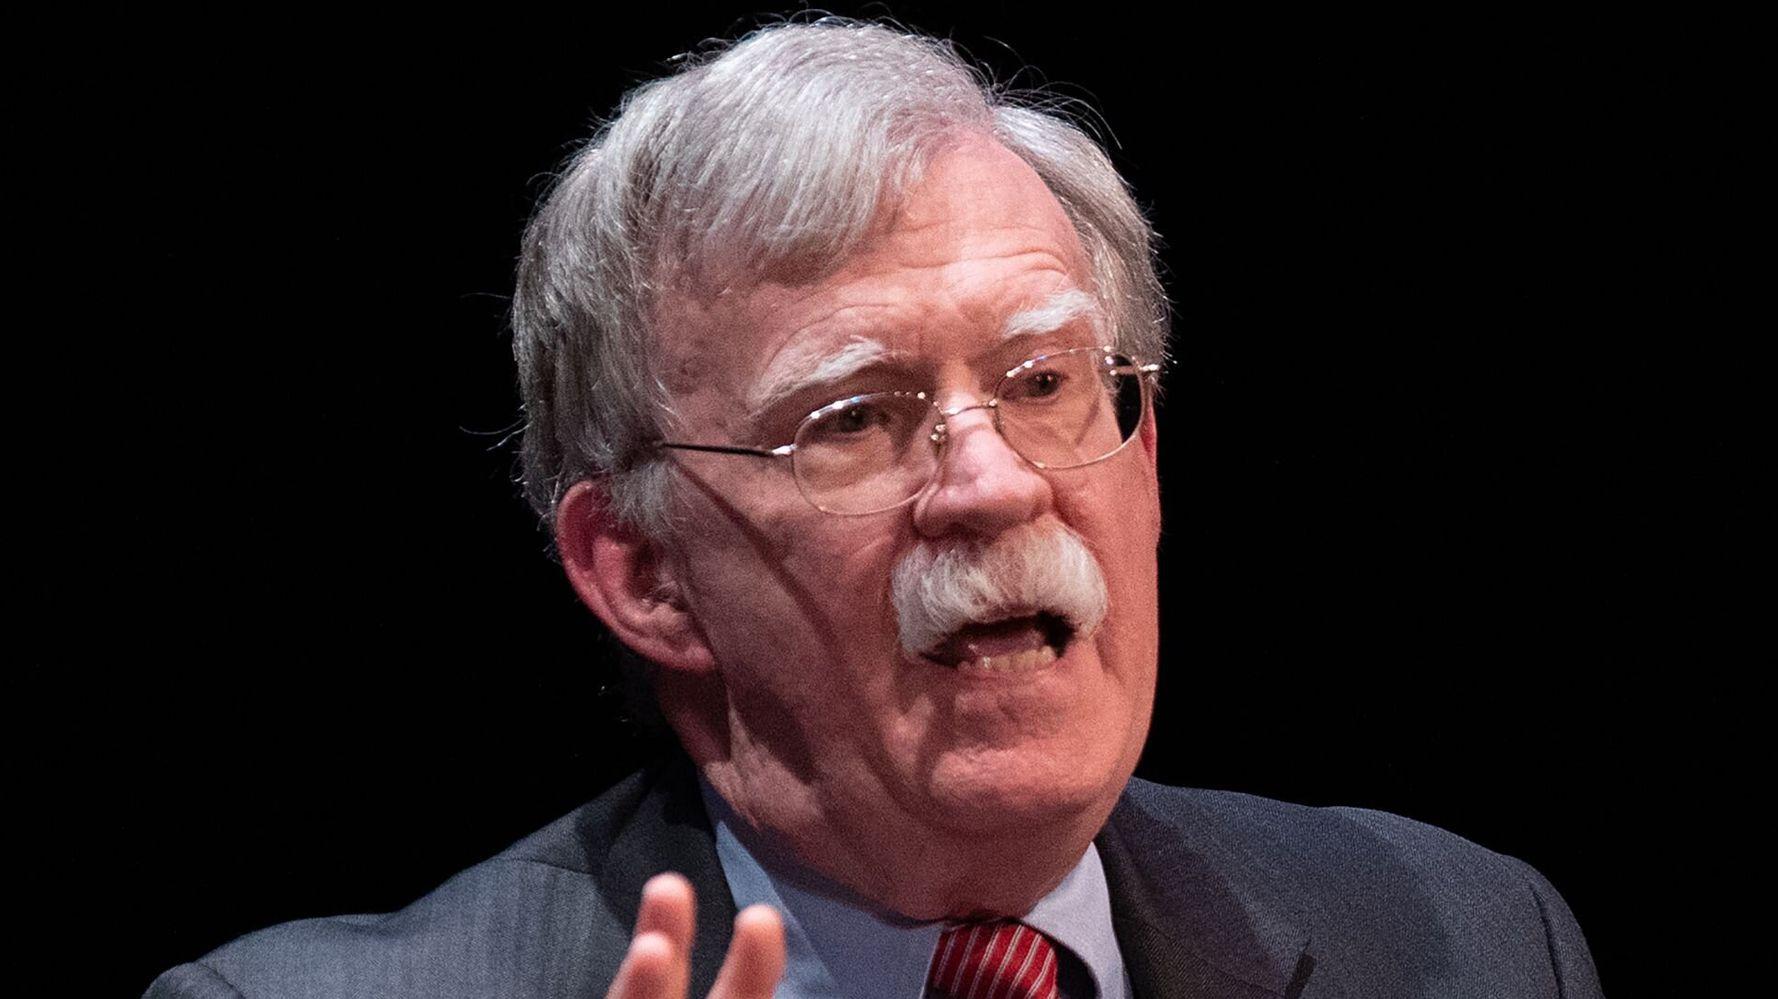 Westlake Legal Group 5e4bab14230000360039b484 John Bolton Teases Ukraine Scandal Details In Upcoming Book, Sparks Online Backlash